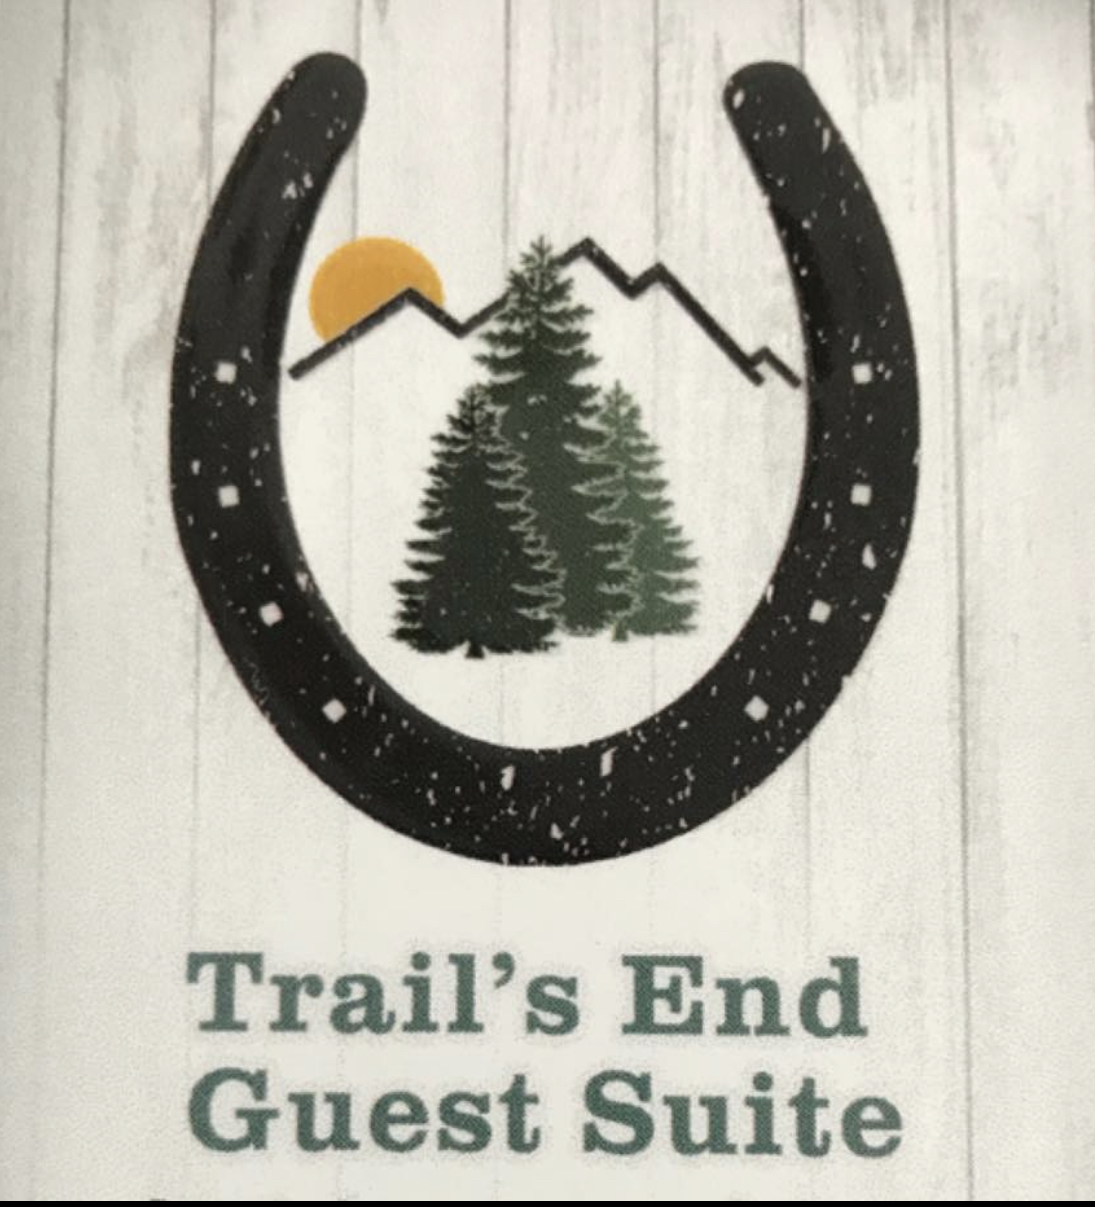 Trail's End Guest Suite